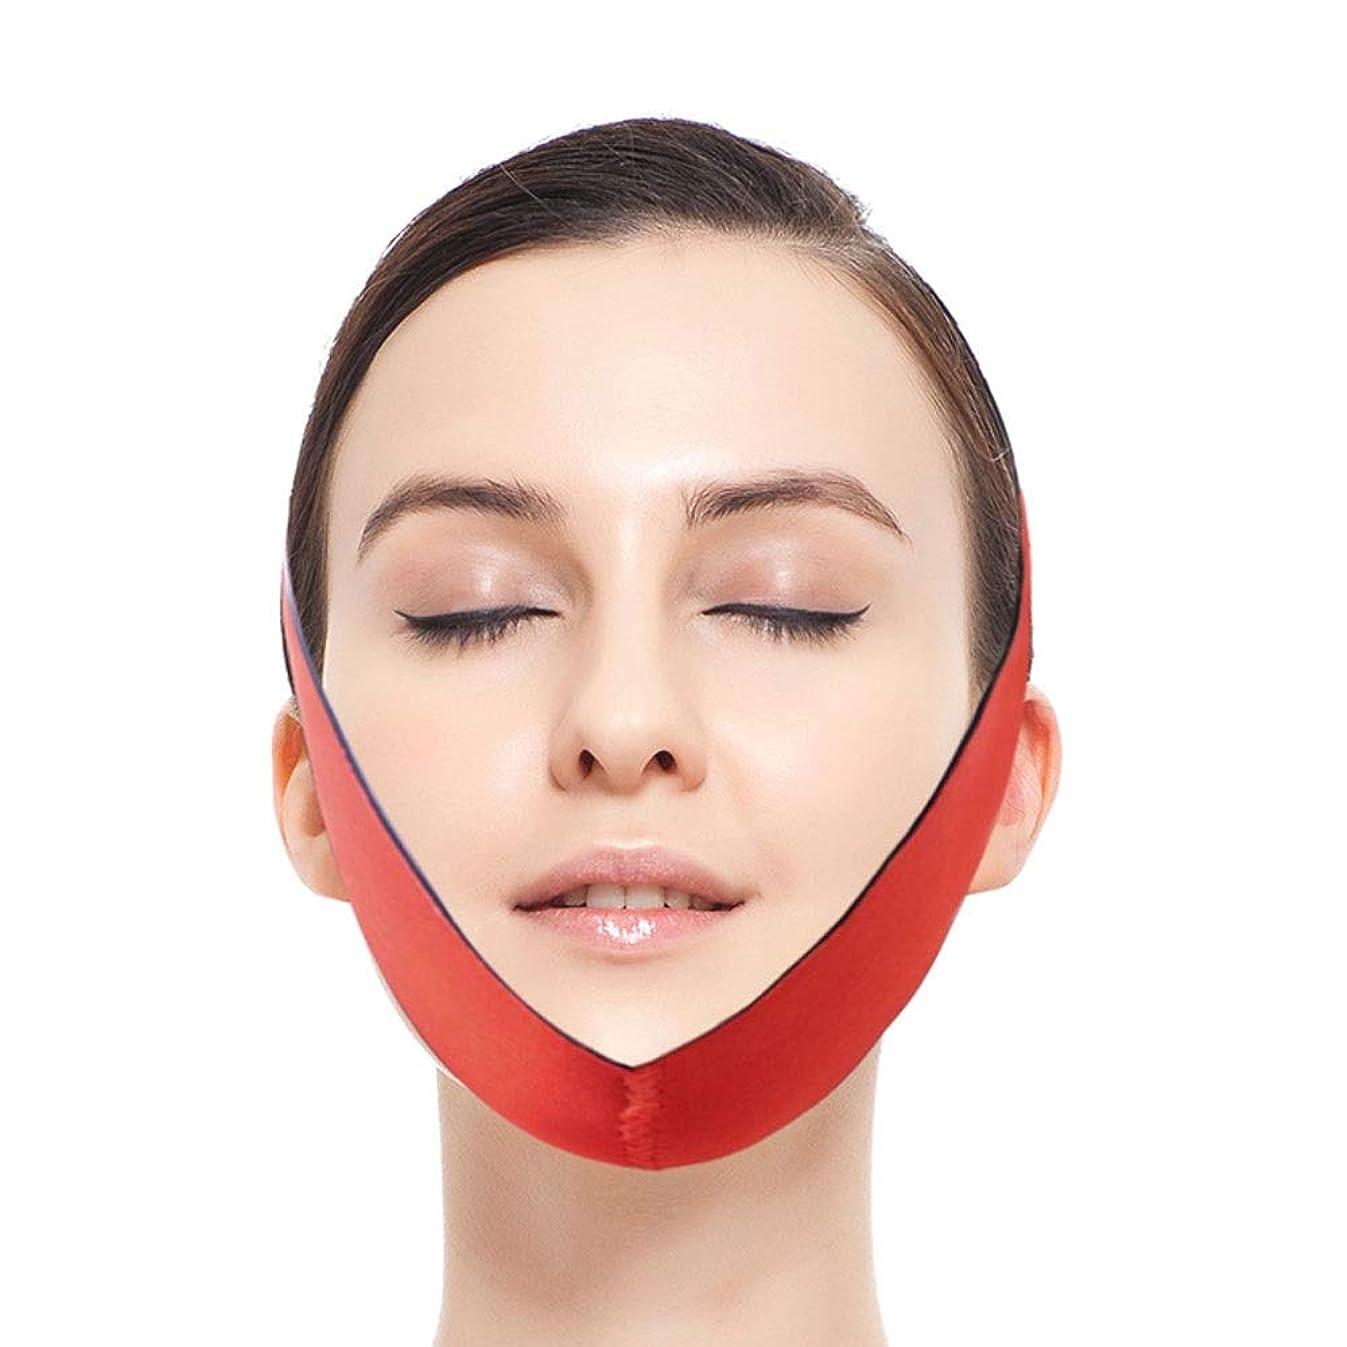 協同確立します主婦GYZ フェイスリフティングアーティファクトVフェイス包帯マスクダブルあご引き締め顔薄い咬傷筋肉下顎矯正顔 Thin Face Belt